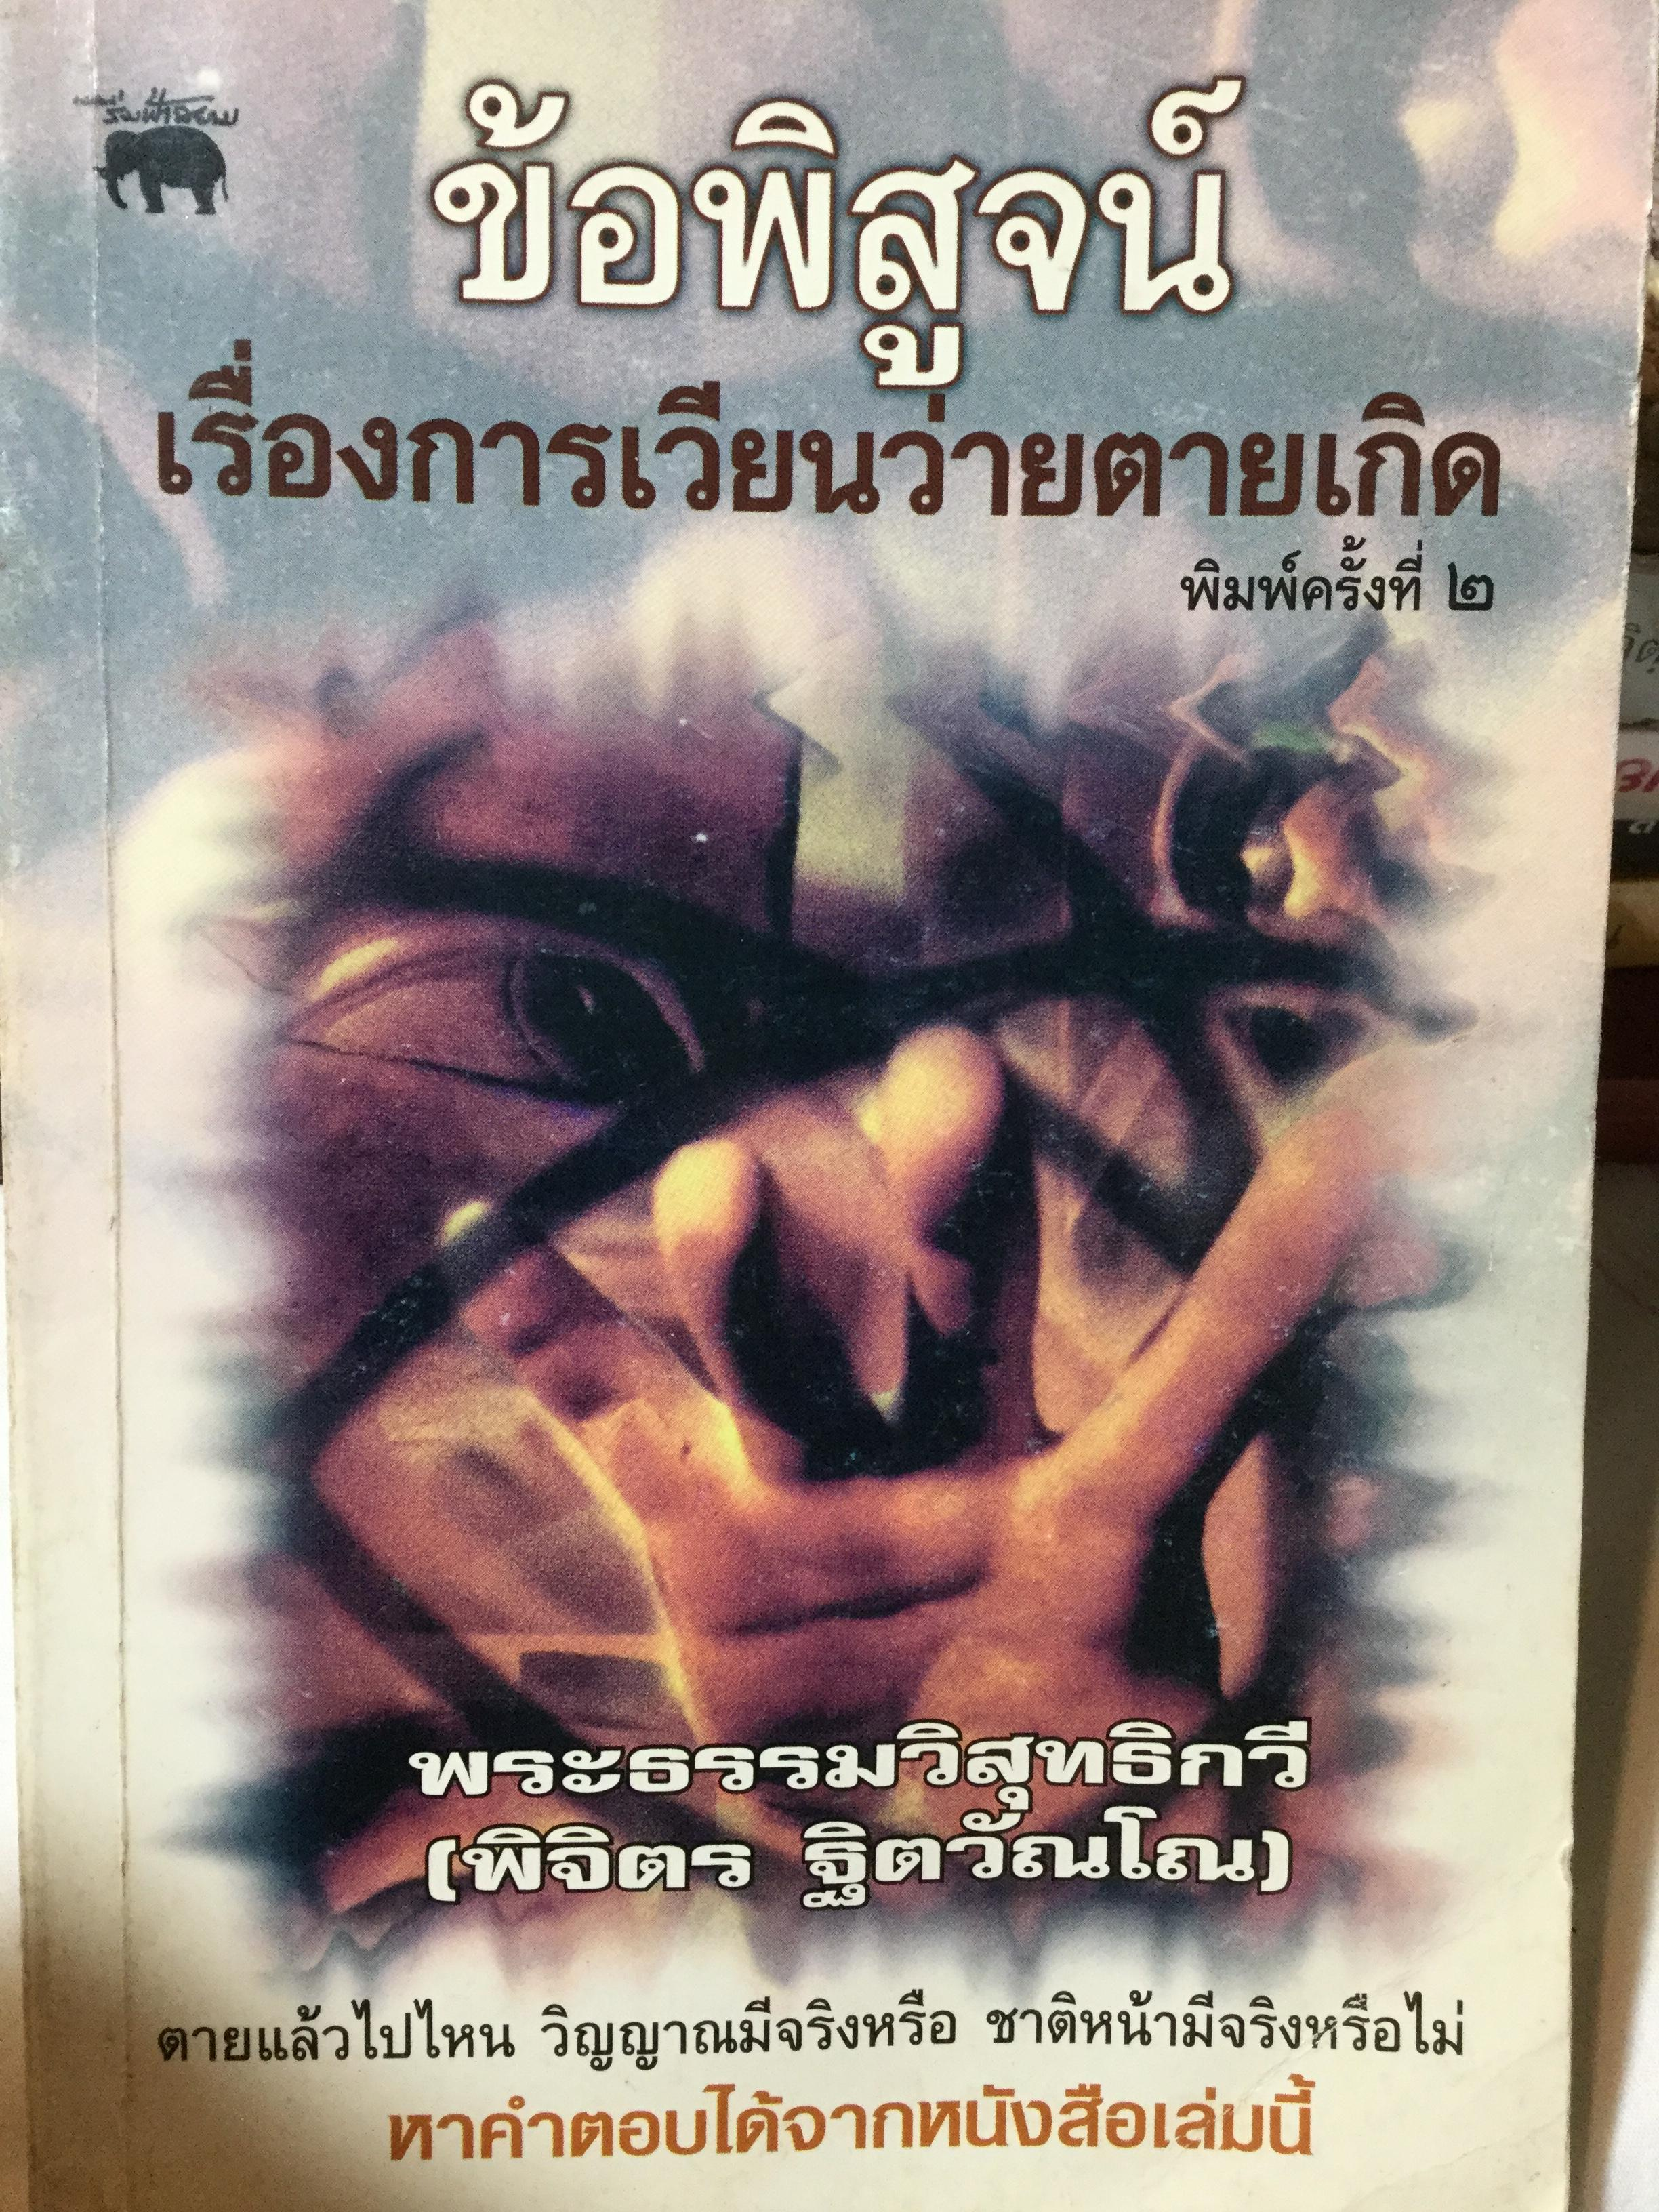 ข้อพิสูจน์เรื่องการเวียนว่ายตายเกิด ตายแล้วไปไหน วิญญาณมีจริงหรือ ชาติหน้ามีจริงหรือไม่ หาคำตอบได้จากหนังสือเล่มนี้ ผู้เขียนพระธรรมวิสุทธิกวี(พิจิตร ฐิตวัณโณ)